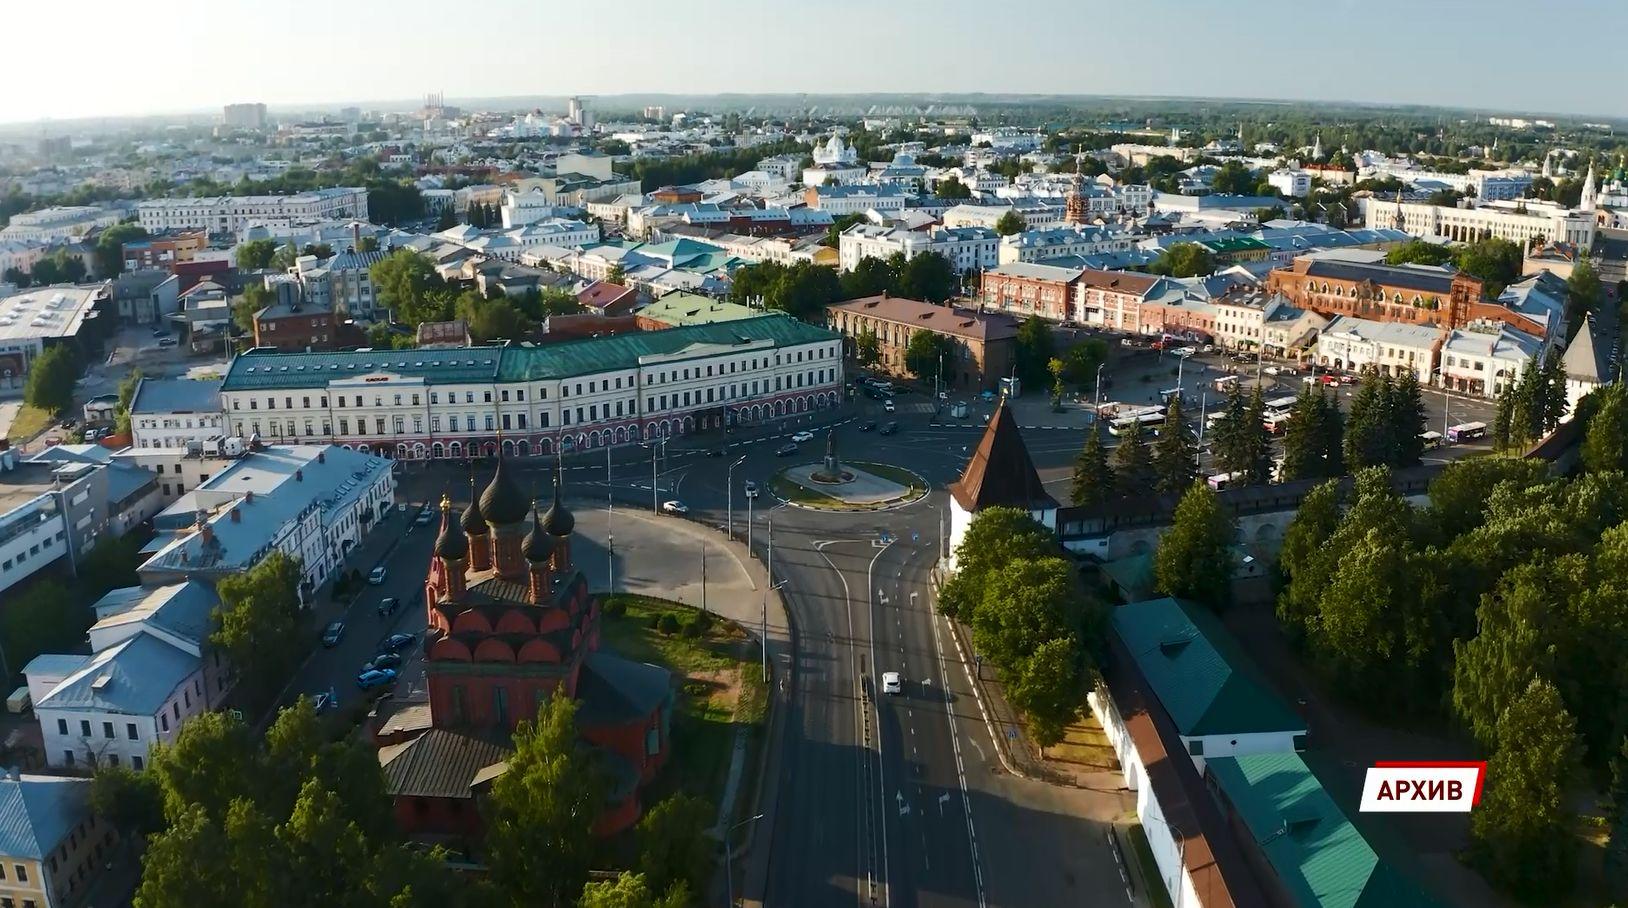 Сегодня Всемирный день туризма – Ярославская область обладает огромным потенциалом для развития всех его разновидностей